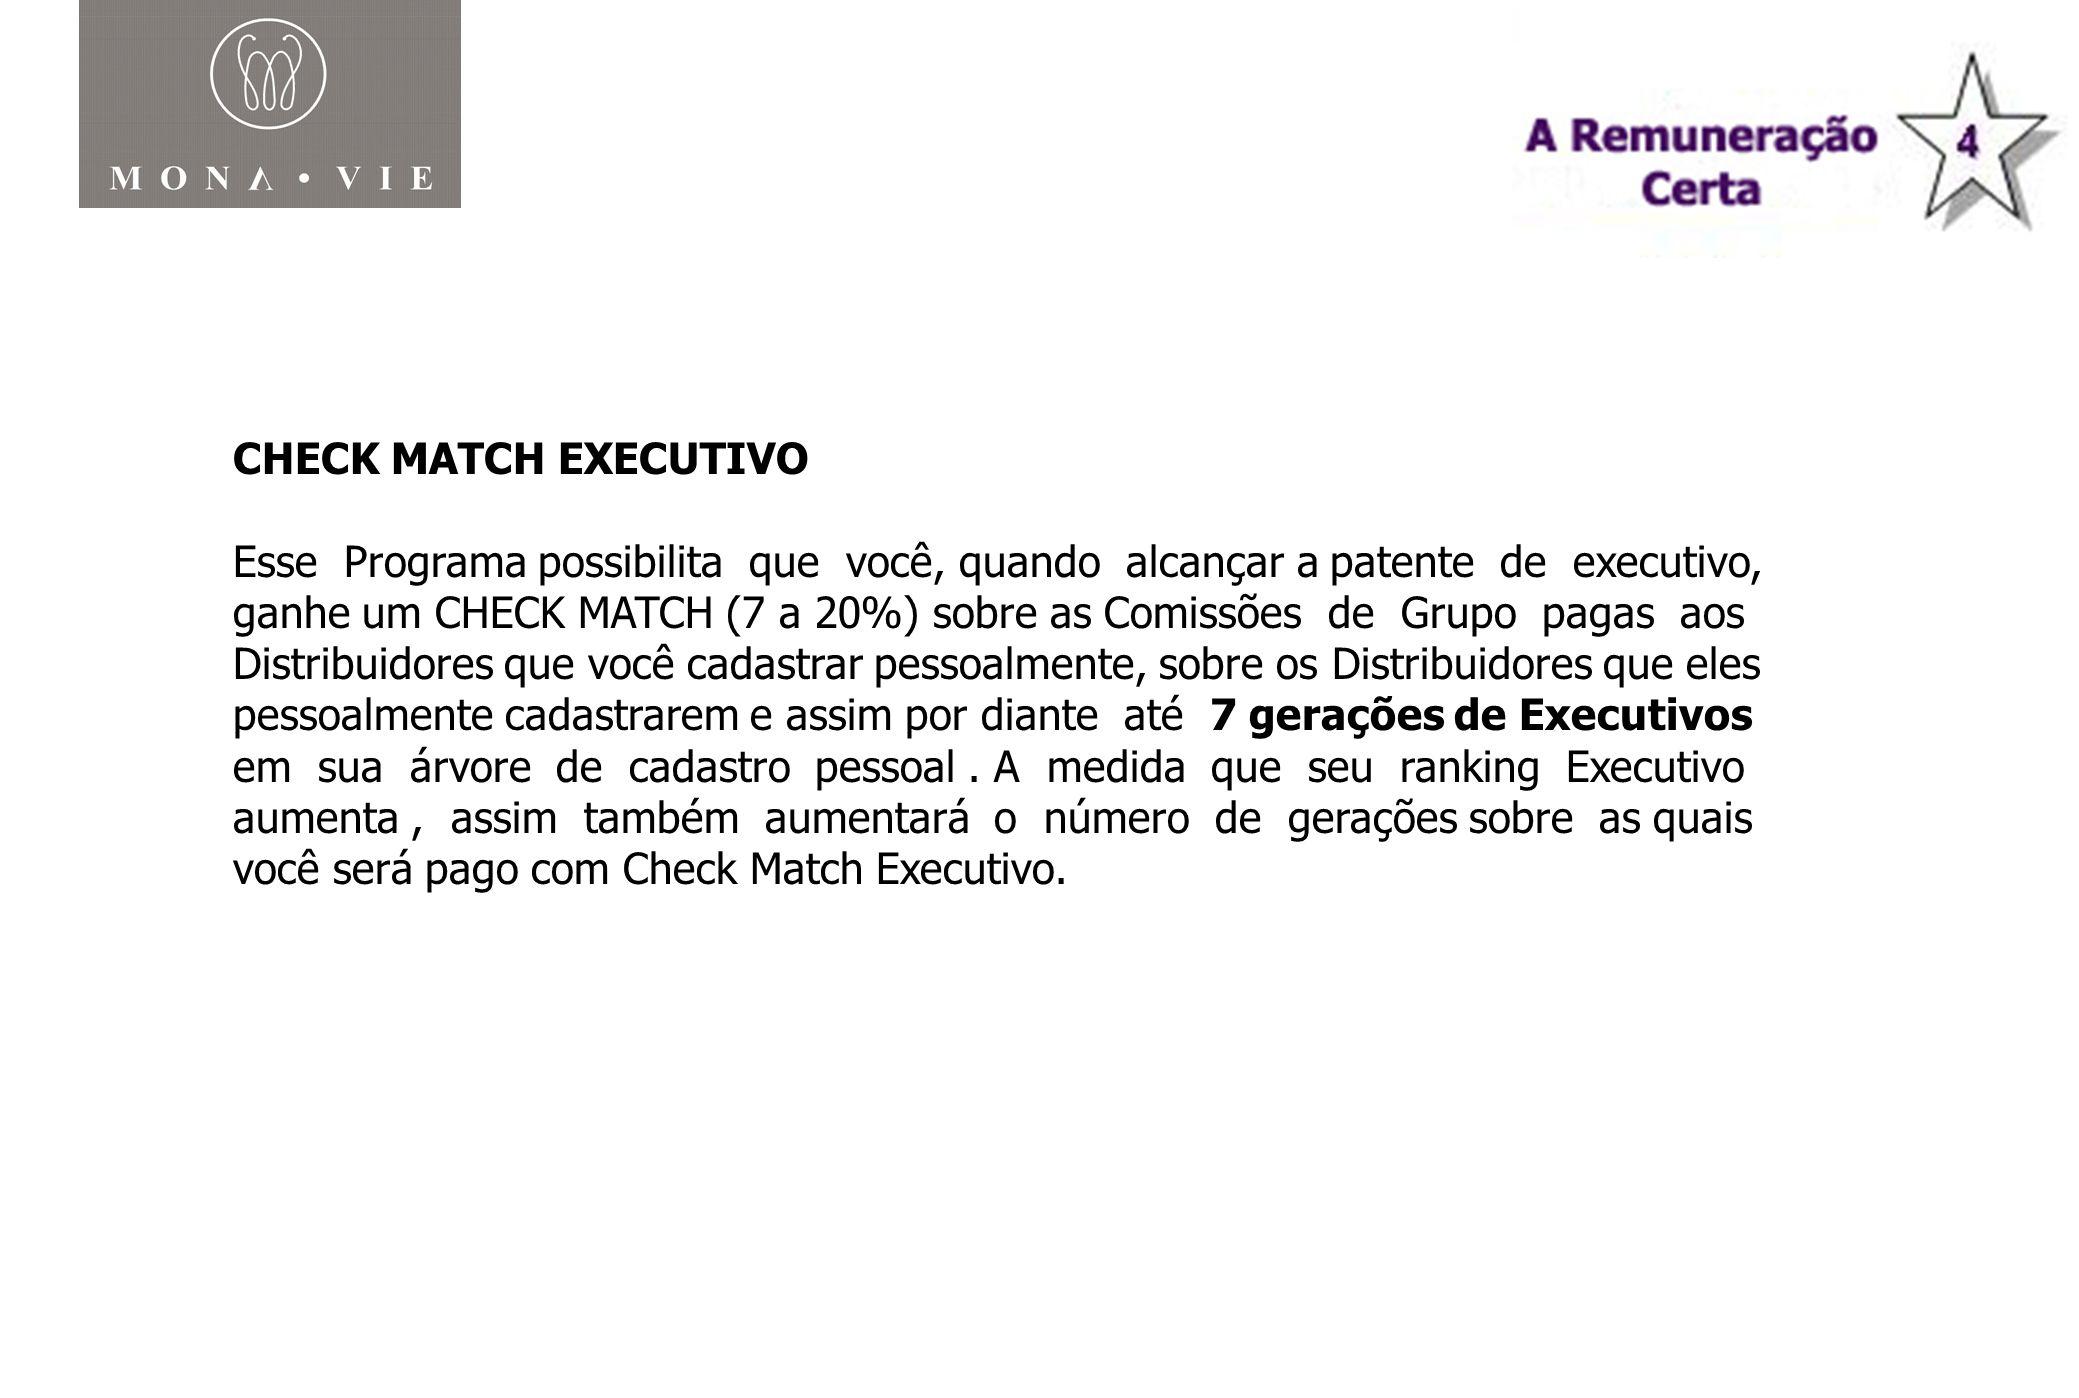 Plano de Compensação Monavie CHECK MATCH EXECUTIVO Esse Programa possibilita que você, quando alcançar a patente de executivo, ganhe um CHECK MATCH (7